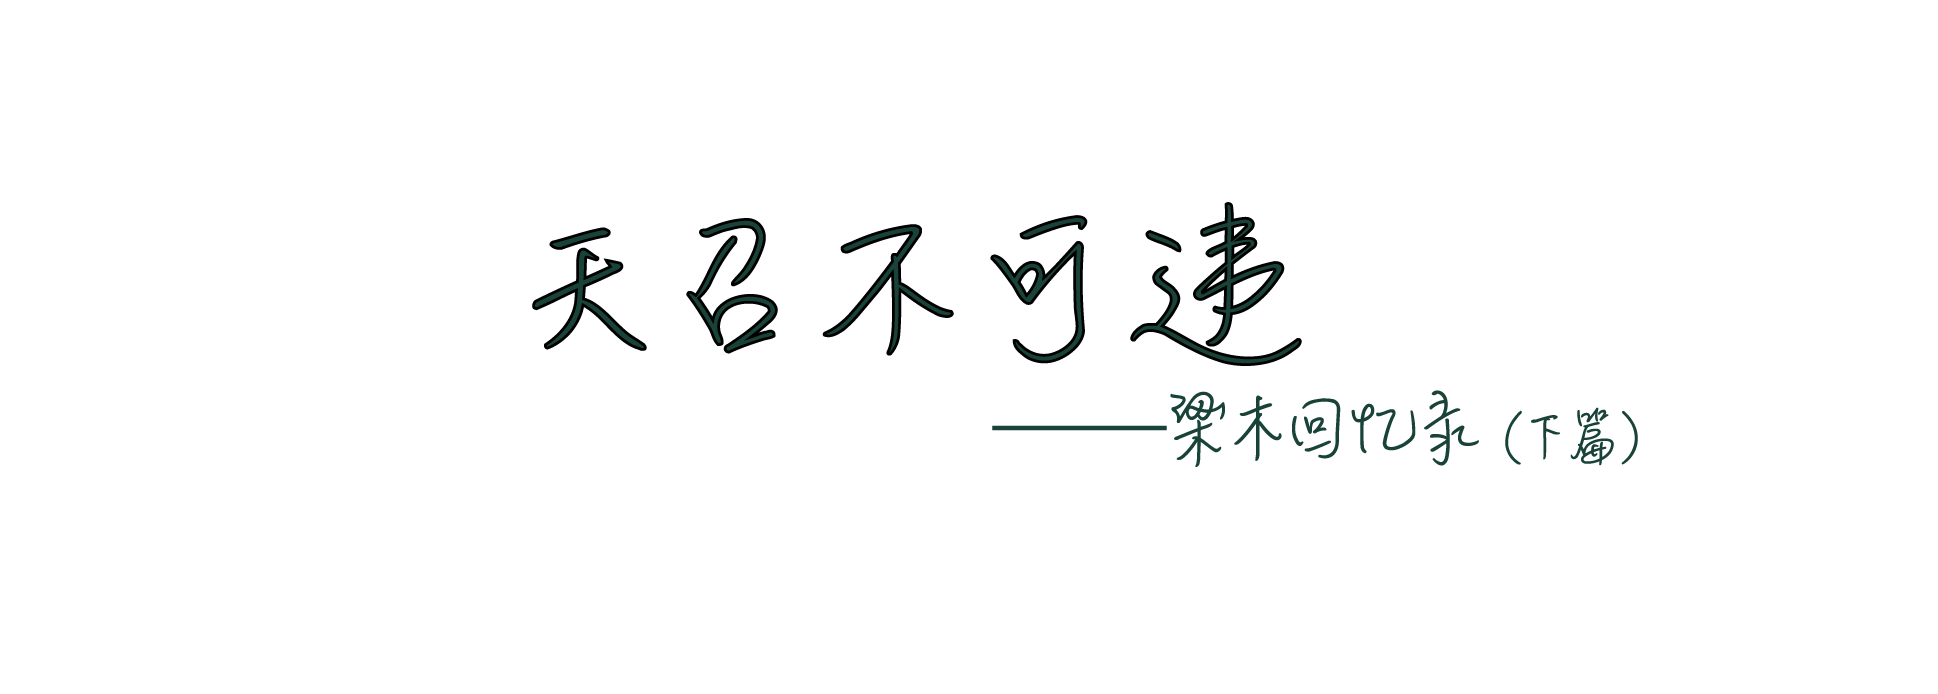 Tian_Zhao_Bu_Ke_Wei_-01.png